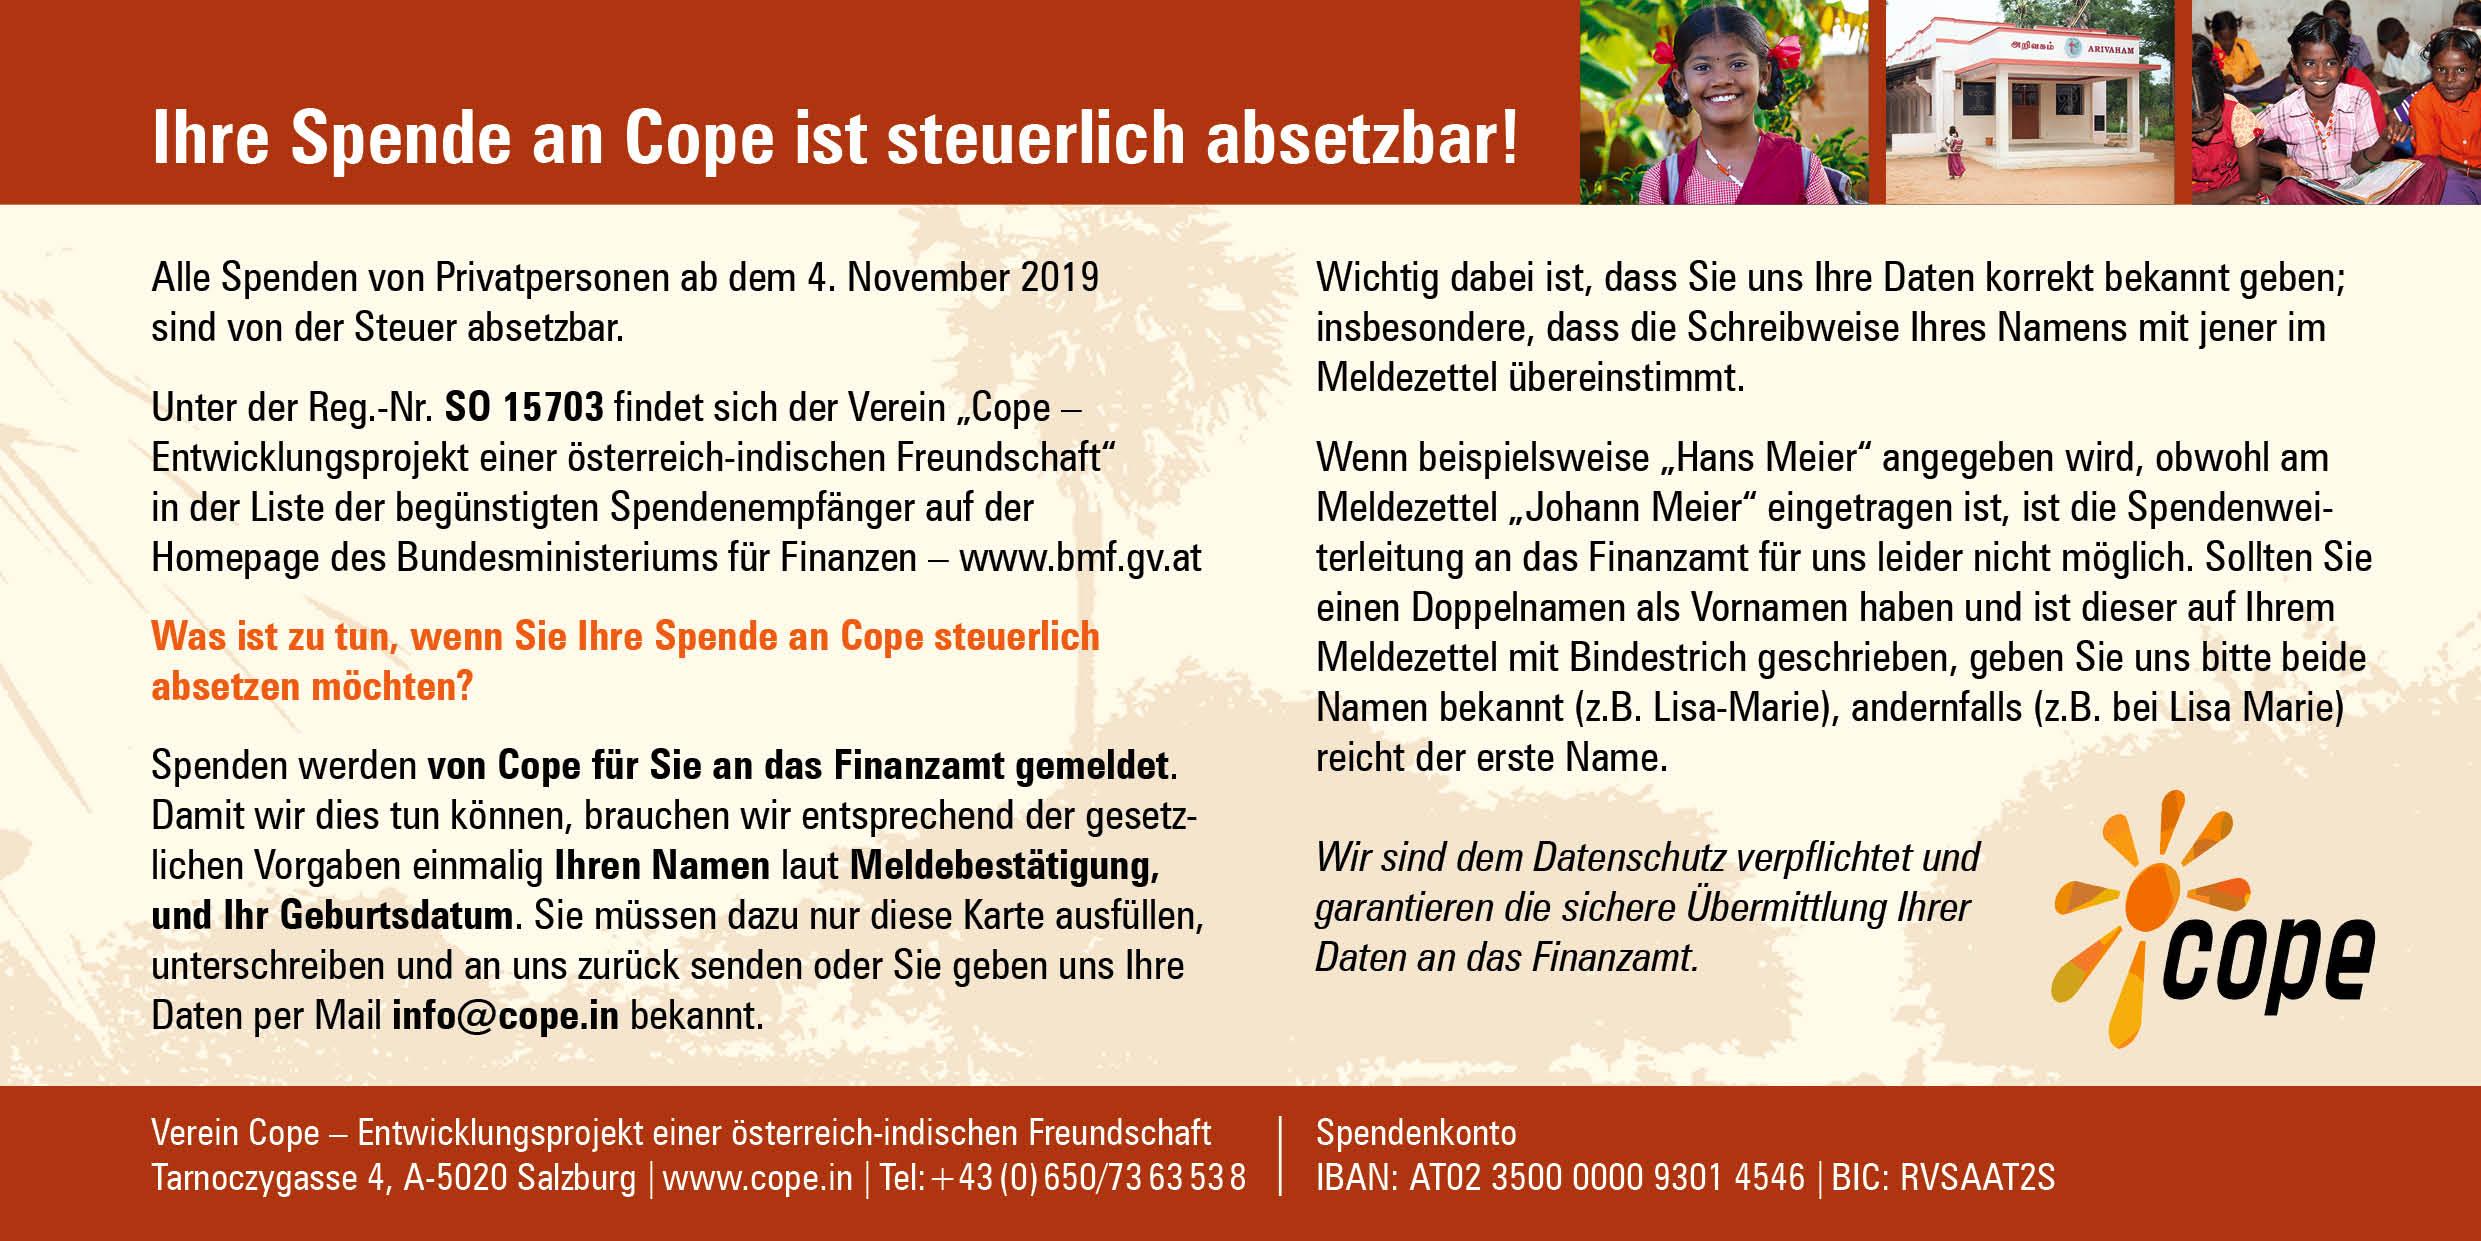 Spenden An Cope Sind Steuerlich Absetzbar!